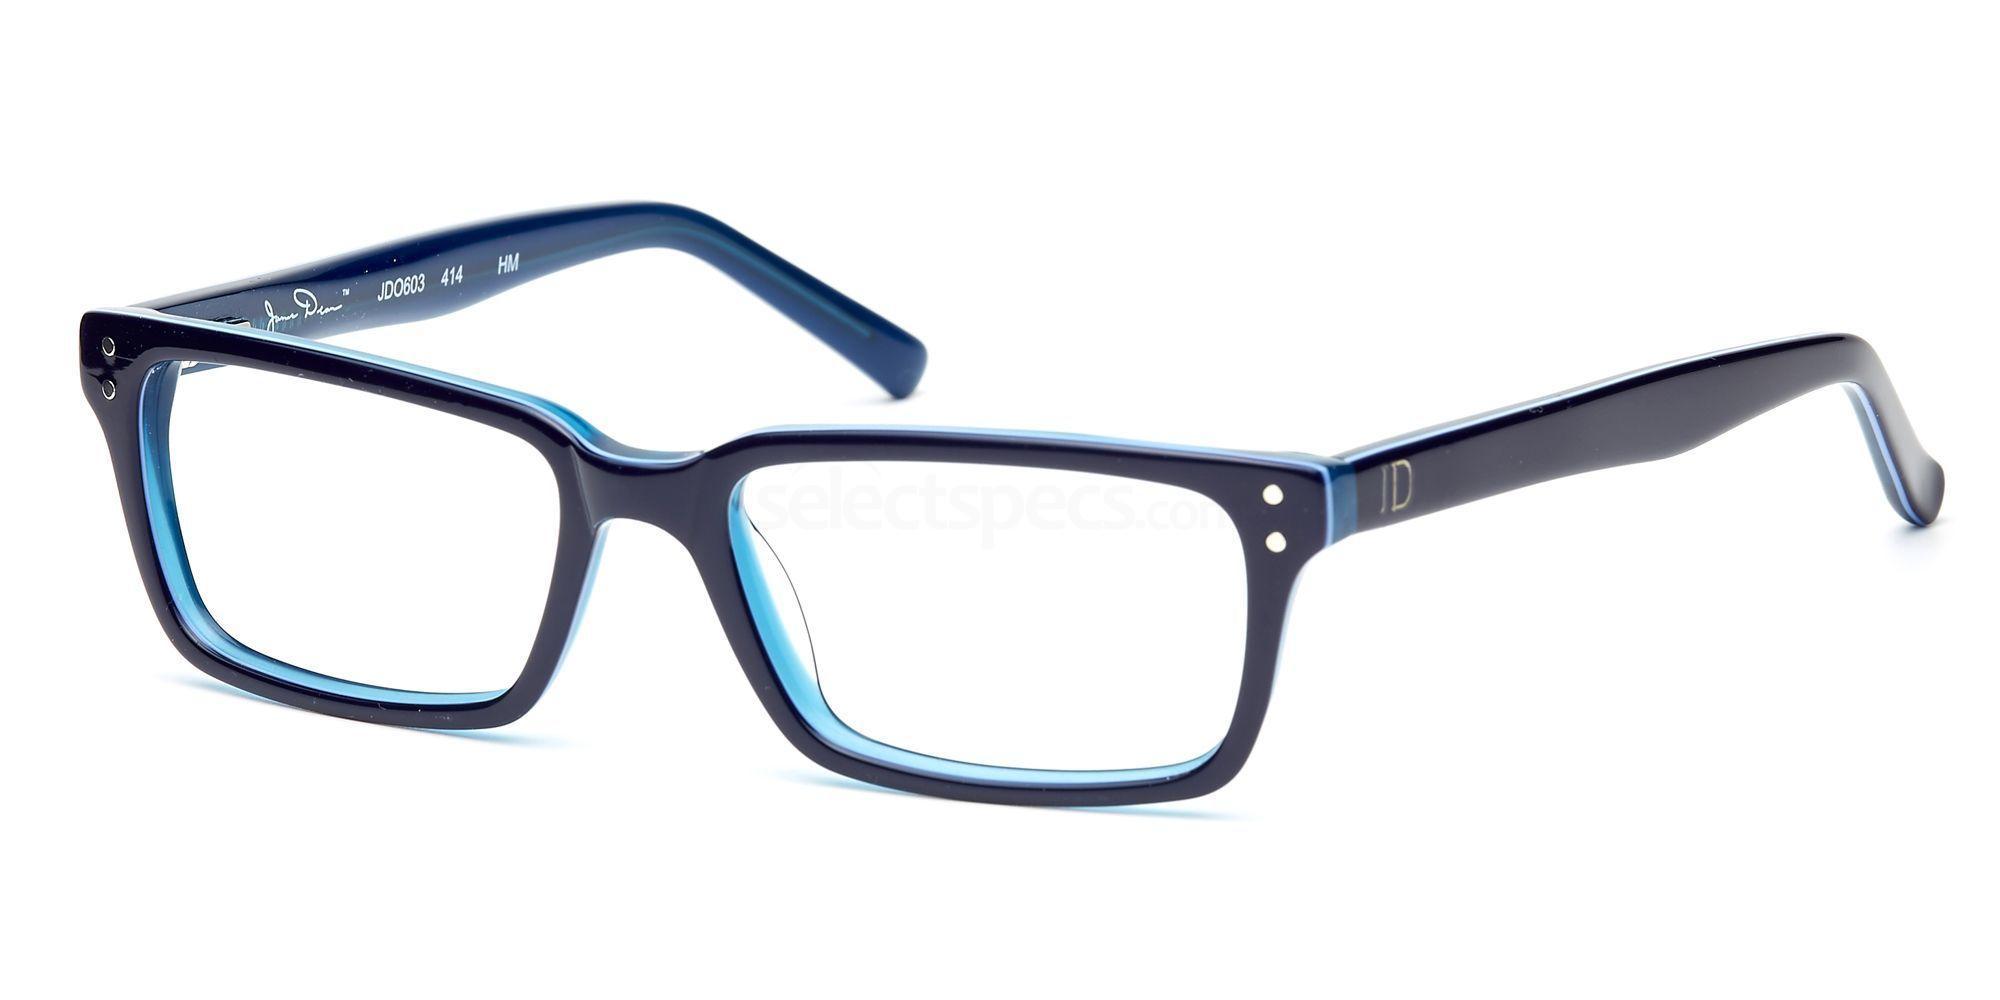 James Dean: Best Glasses Looks | Fashion & Lifestyle - SelectSpecs.com